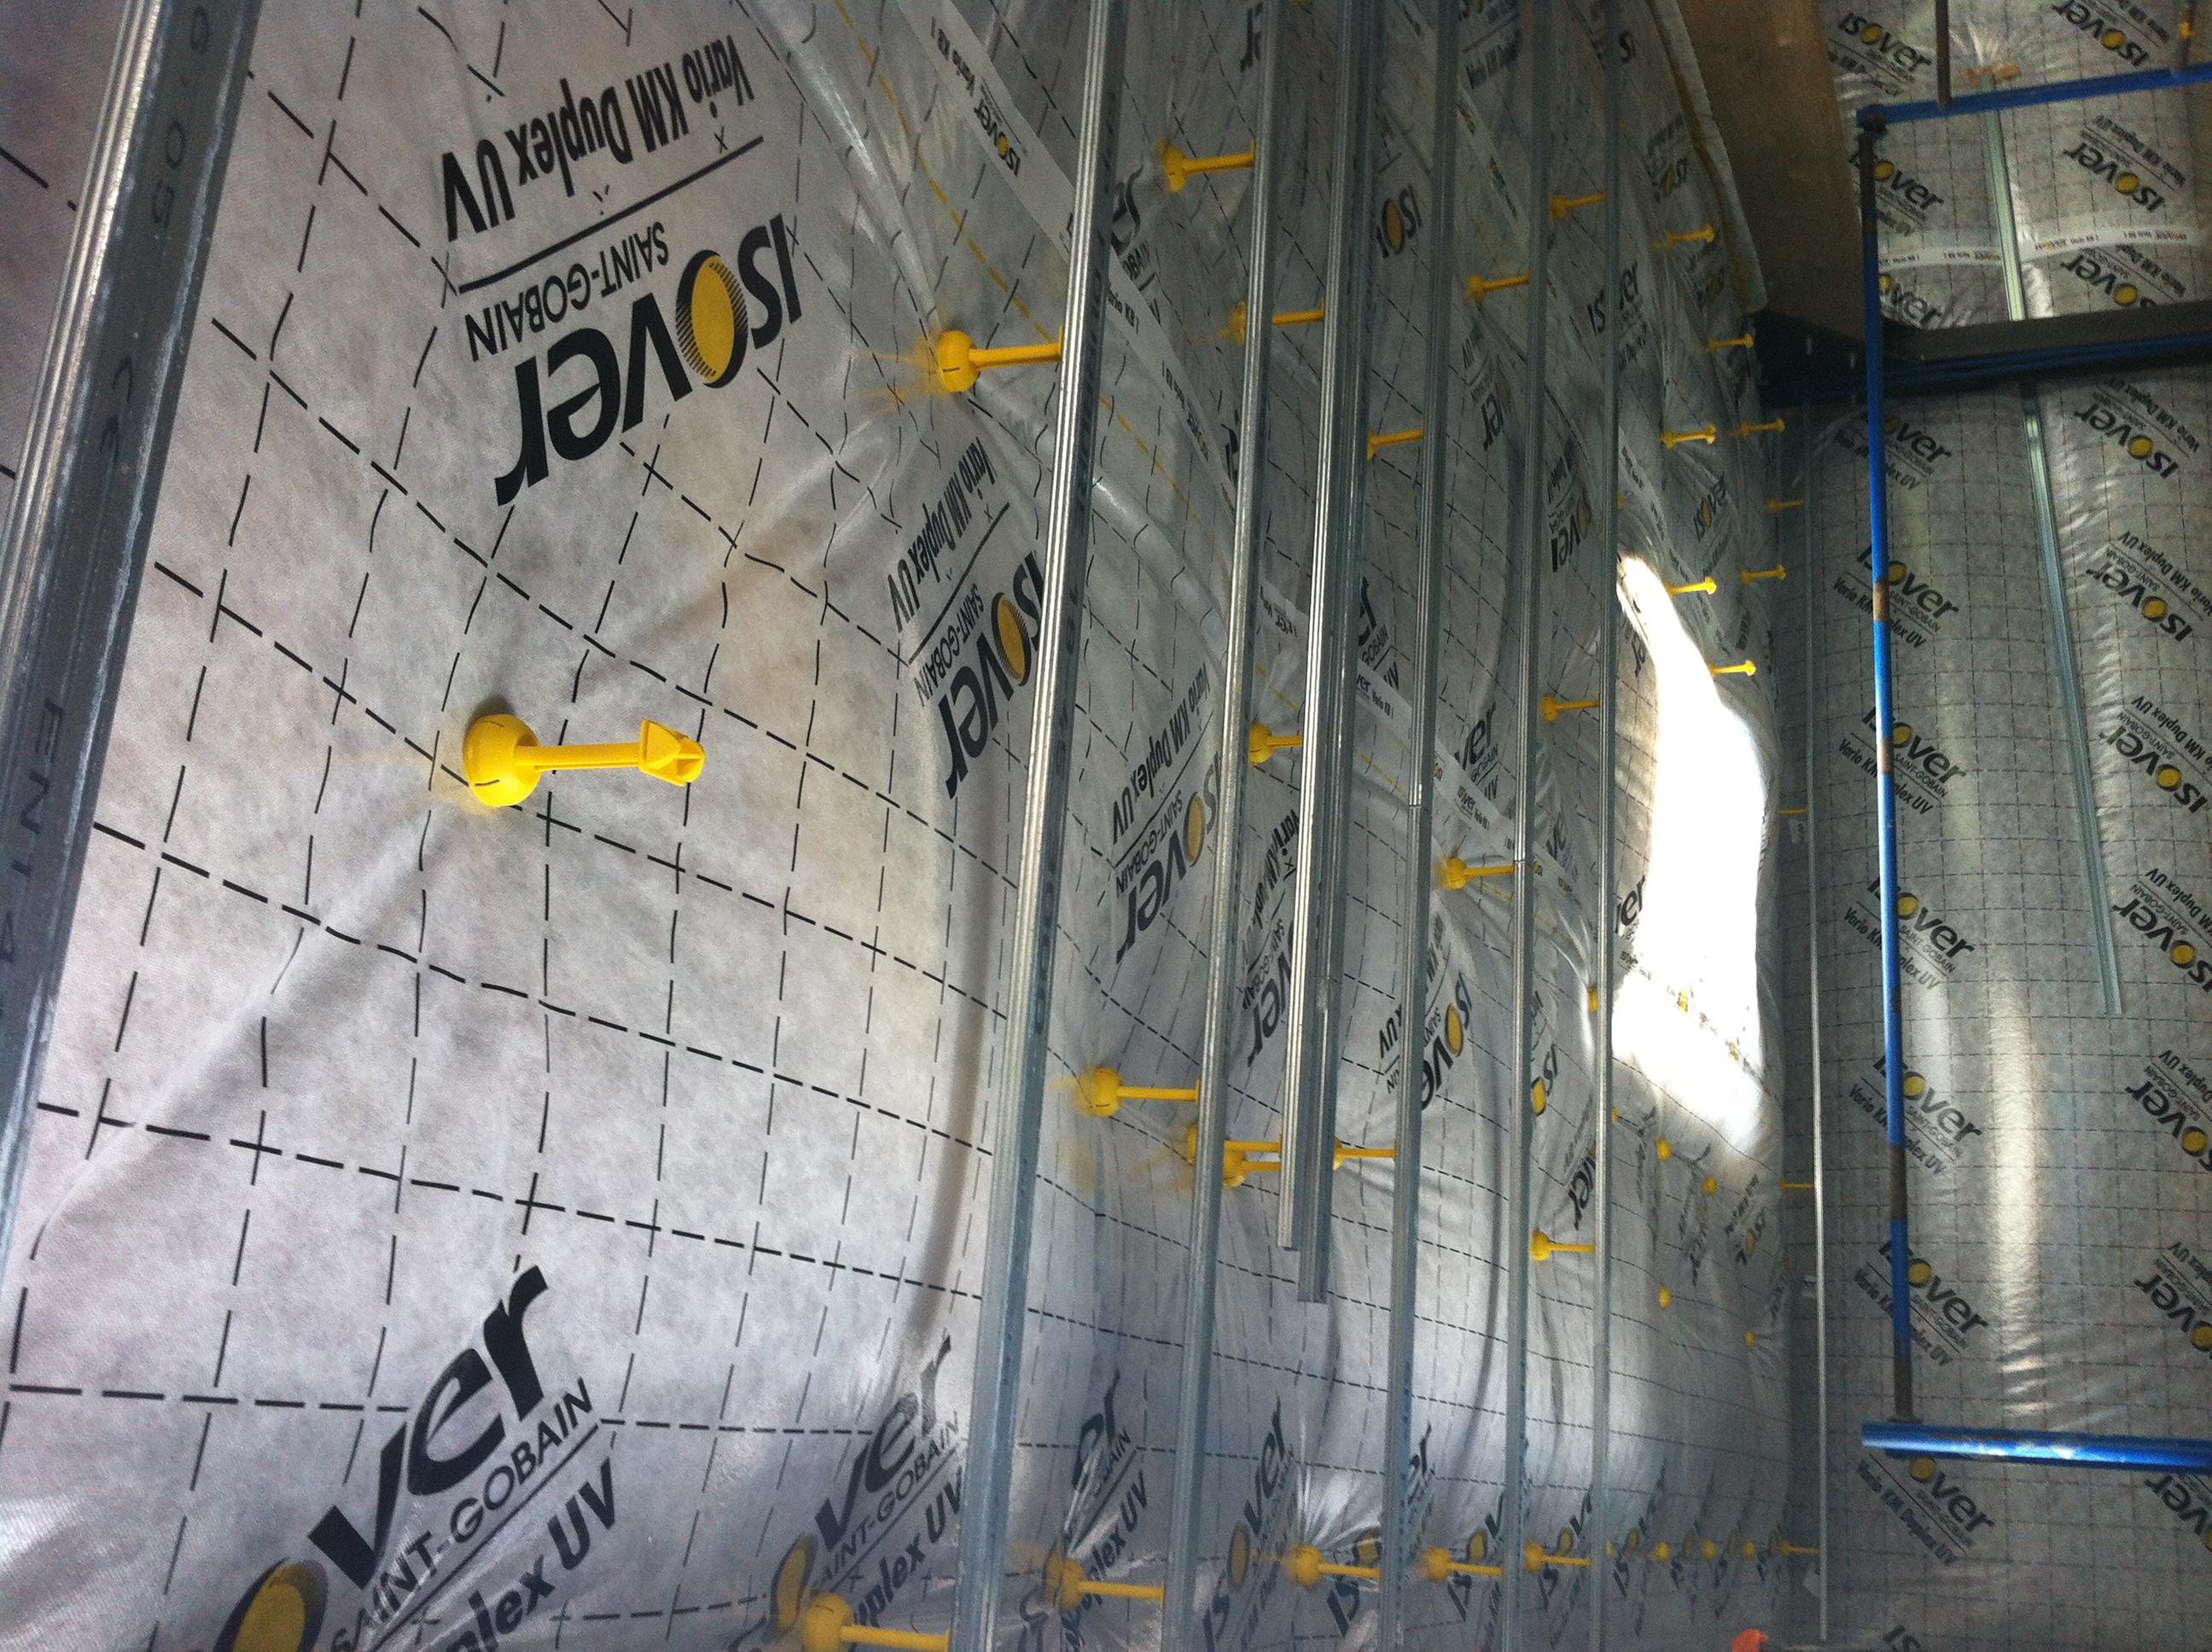 Une maison 100 tanche lazinguerie2 - Fixation laine de verre ...